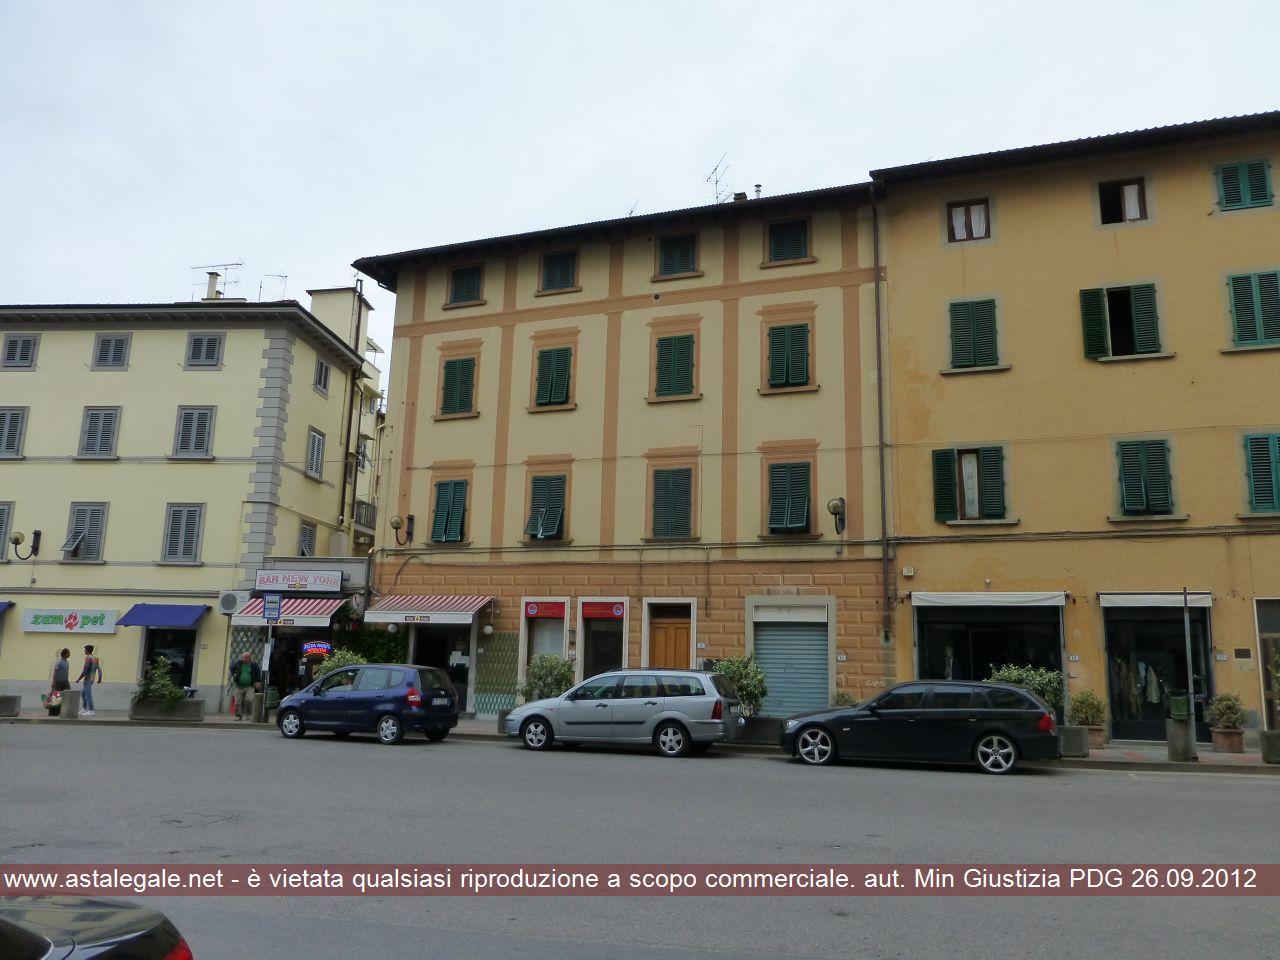 Castelfiorentino (FI) Via della Costituente 9